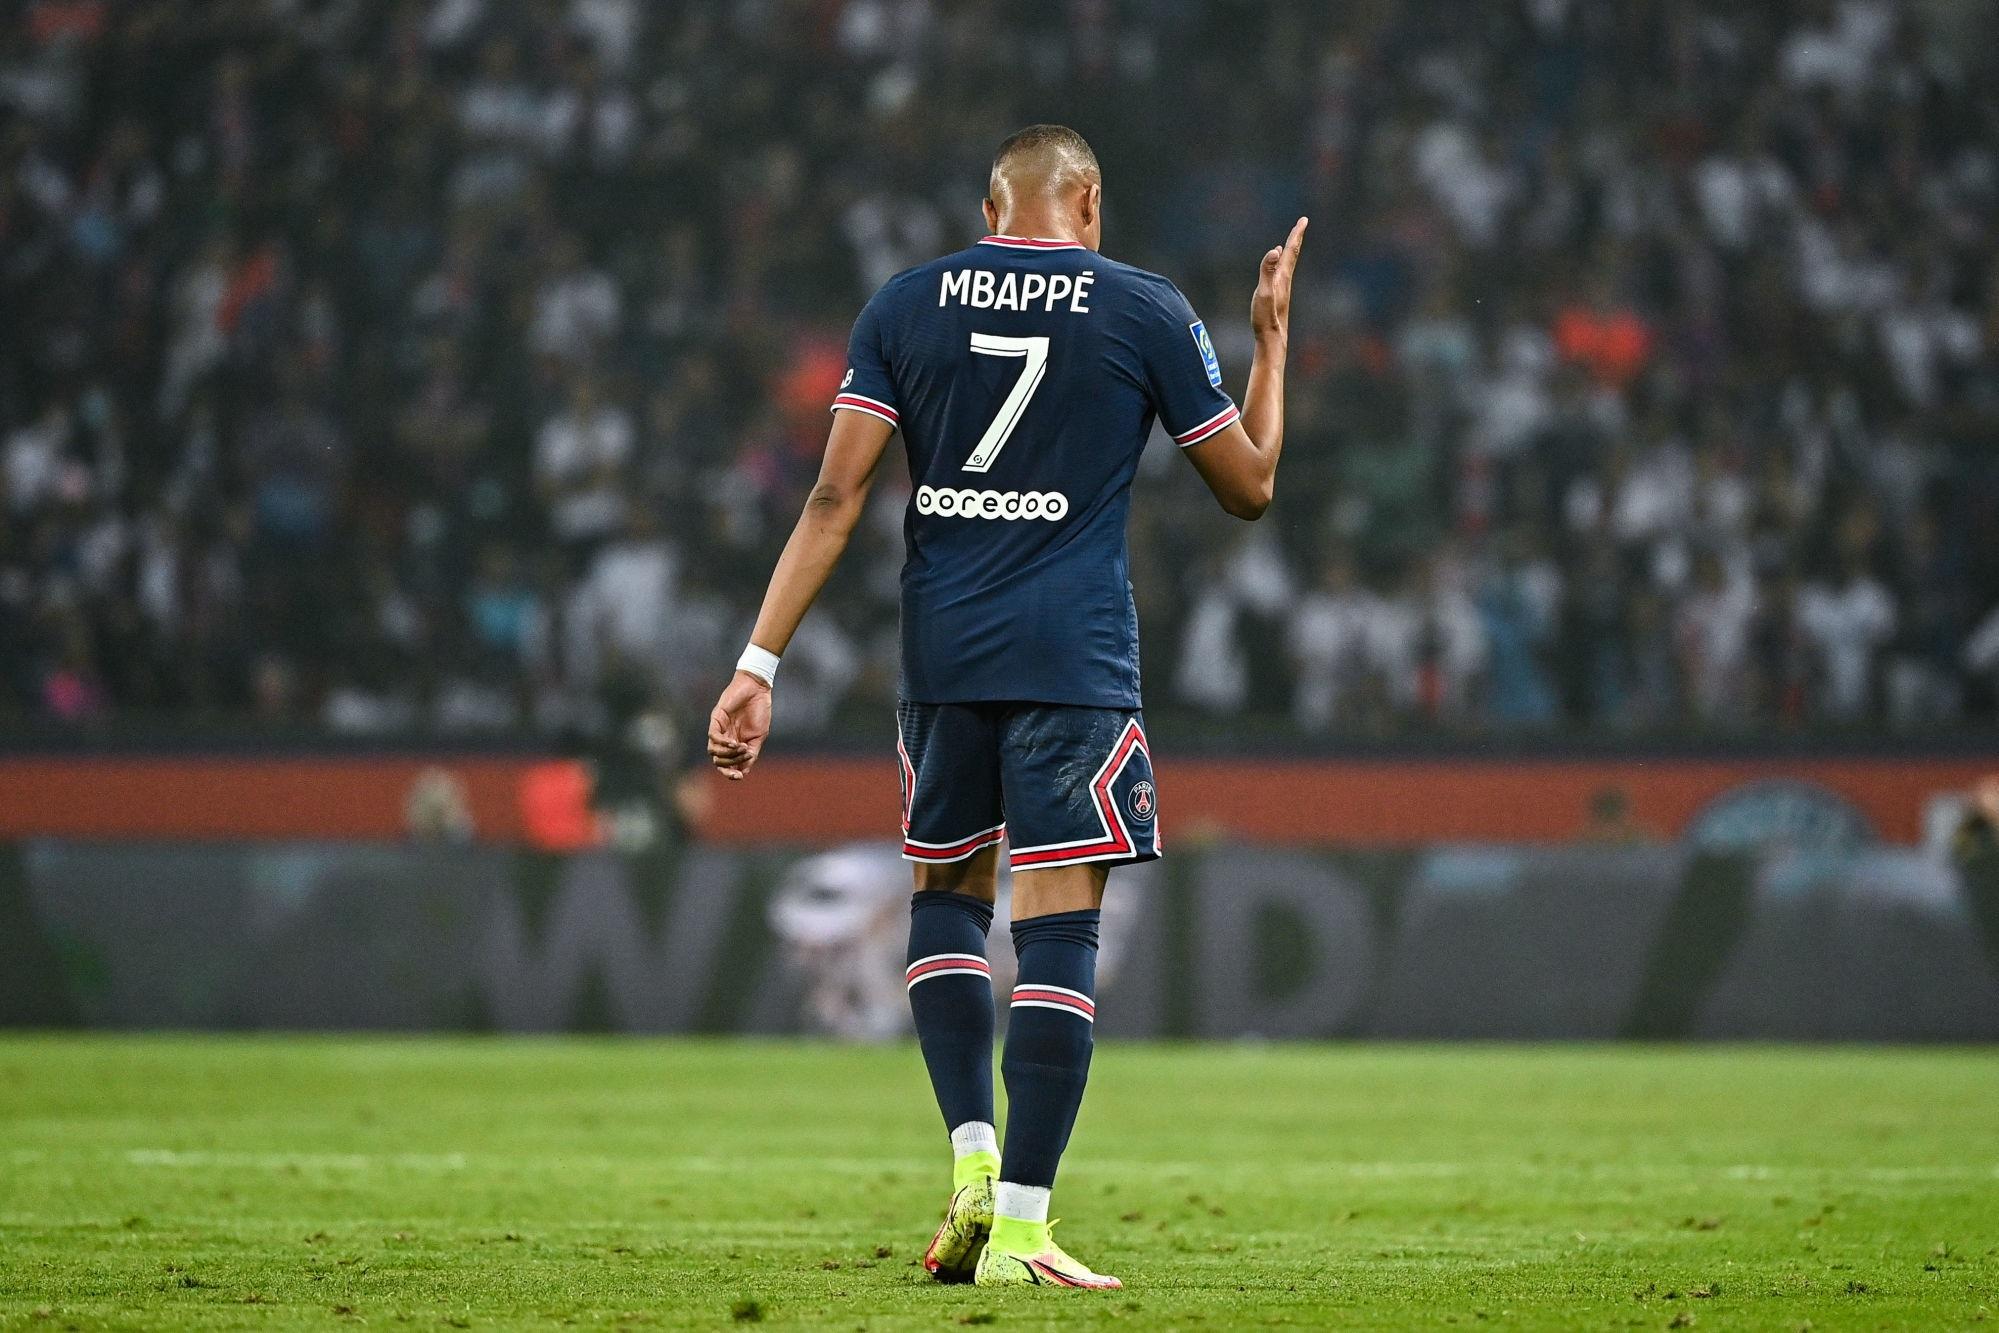 """Mbappé s'exprime à propos des critiques """"Je peux comprendre."""""""